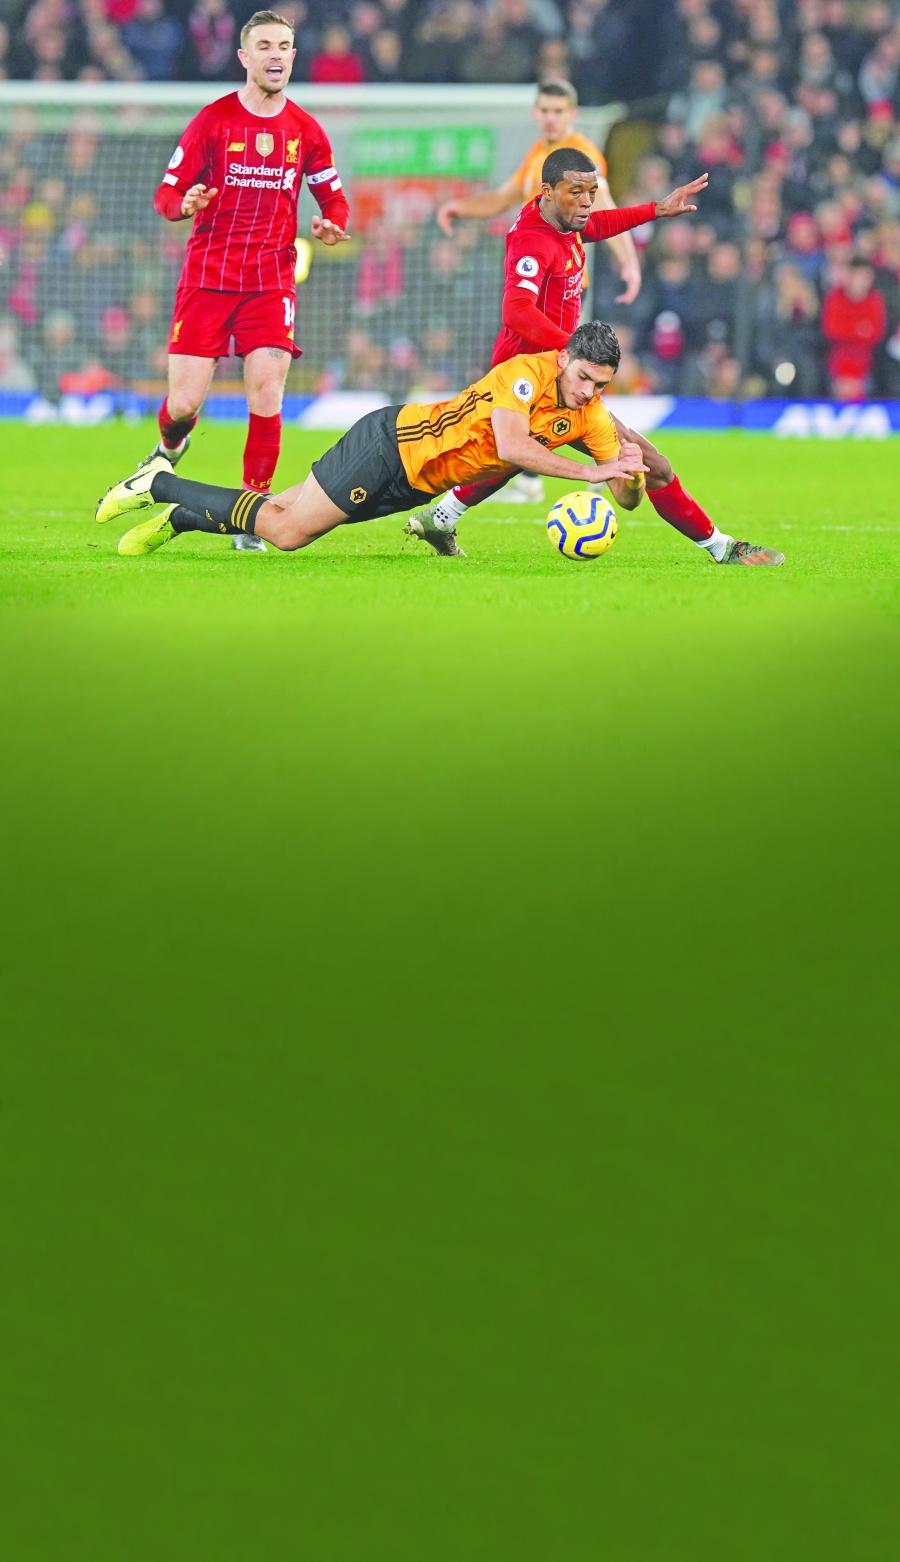 El VAR impide empate a los Wolves de Jiménez ante Liverpool